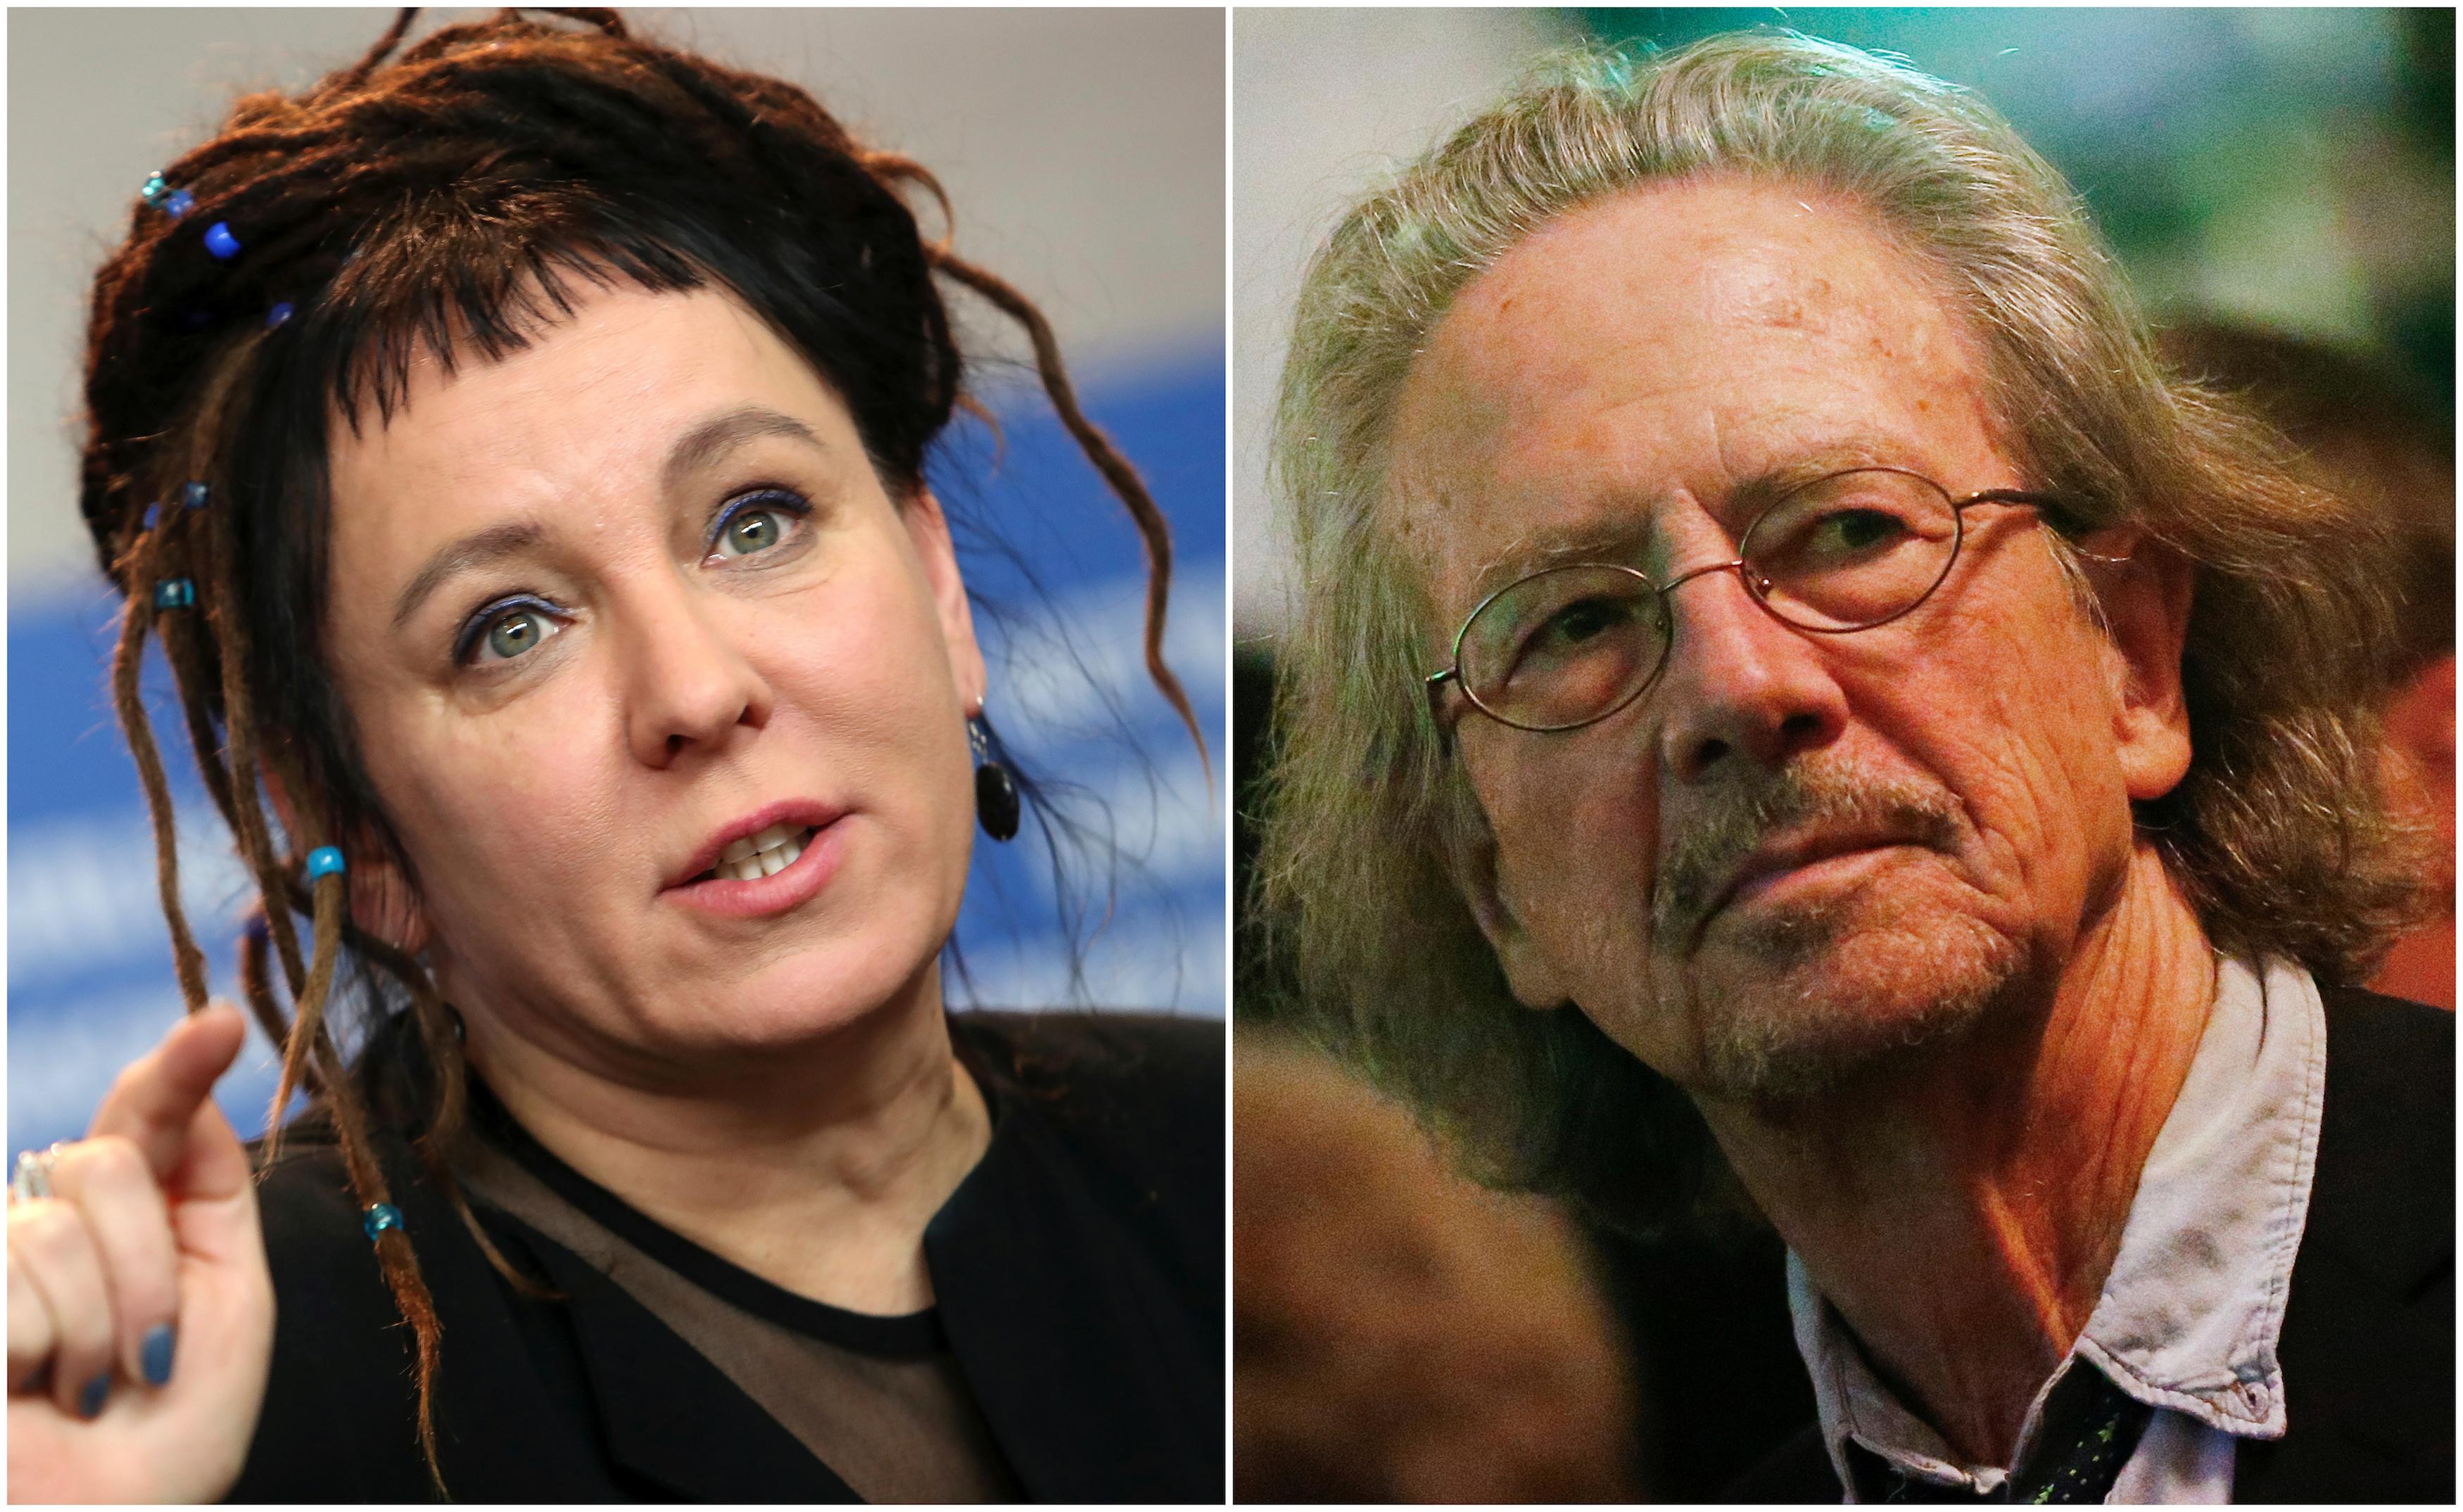 Peter Handke and Olga Tokarczuk Win Nobel Prizes for Literature